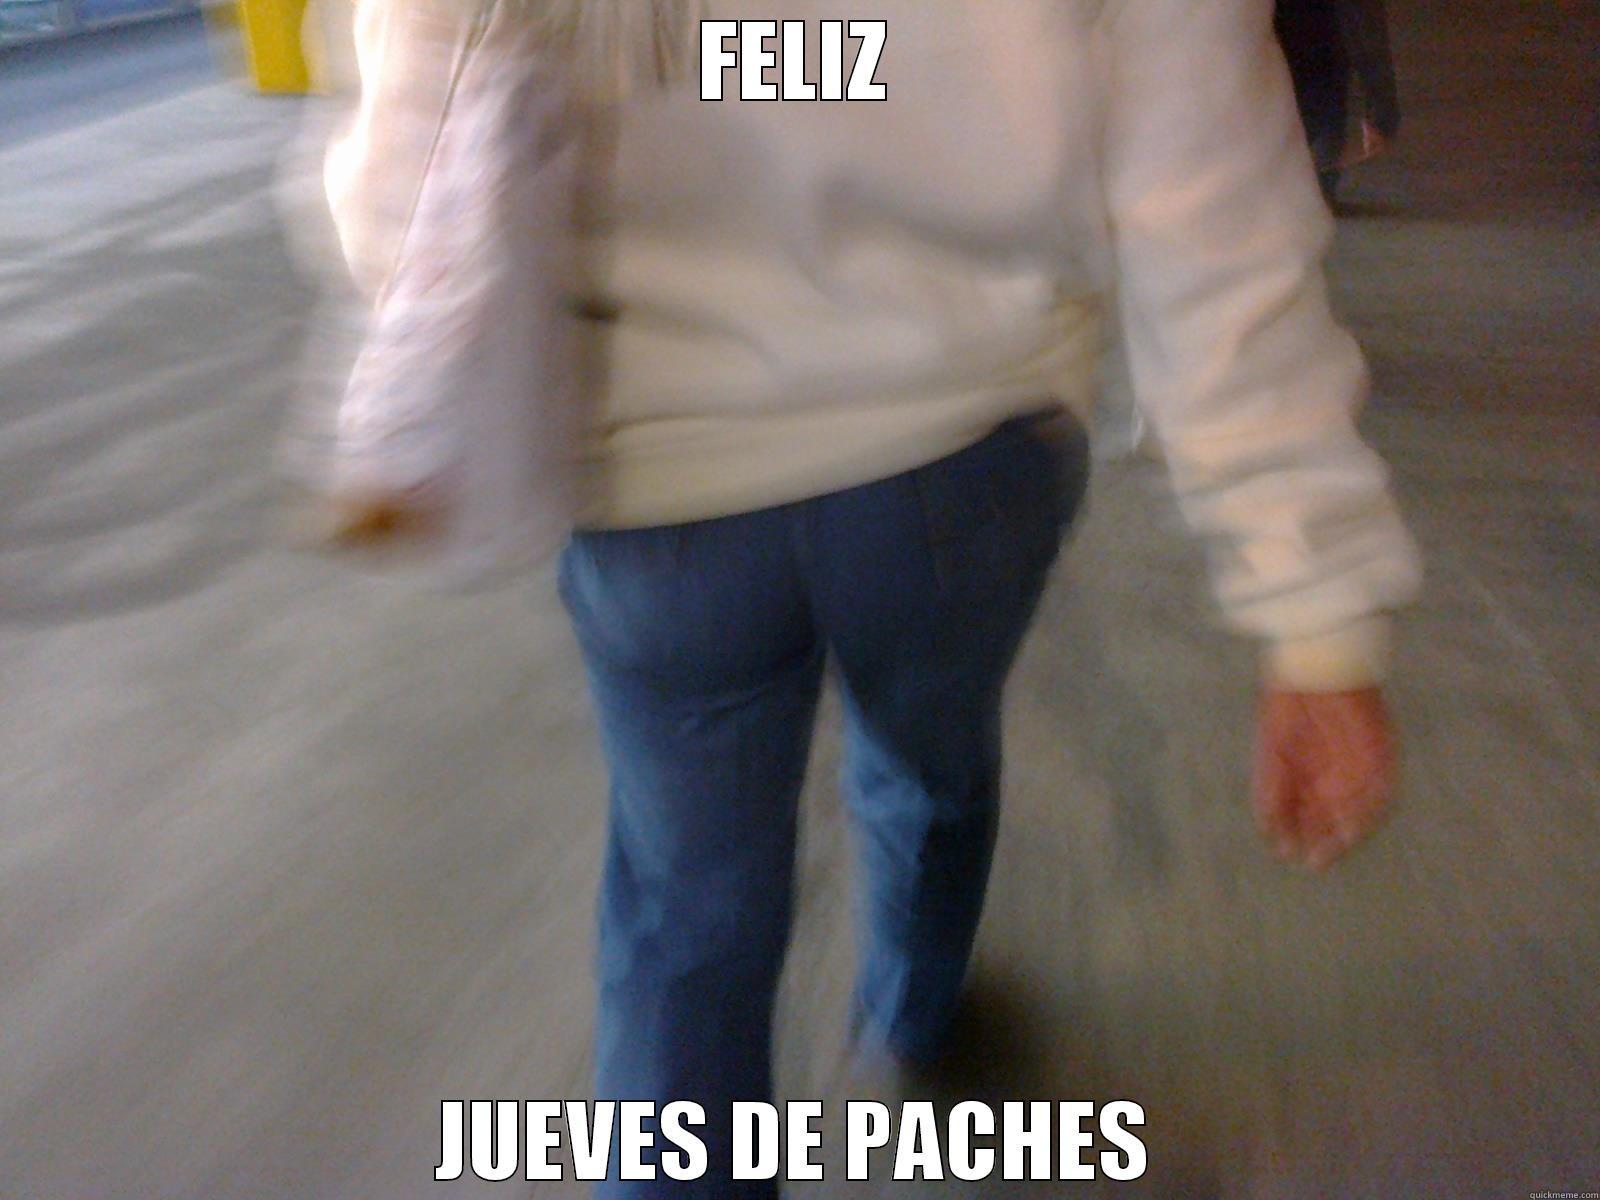 Jueves de Paches , FELIZ JUEVES DE PACHES Misc